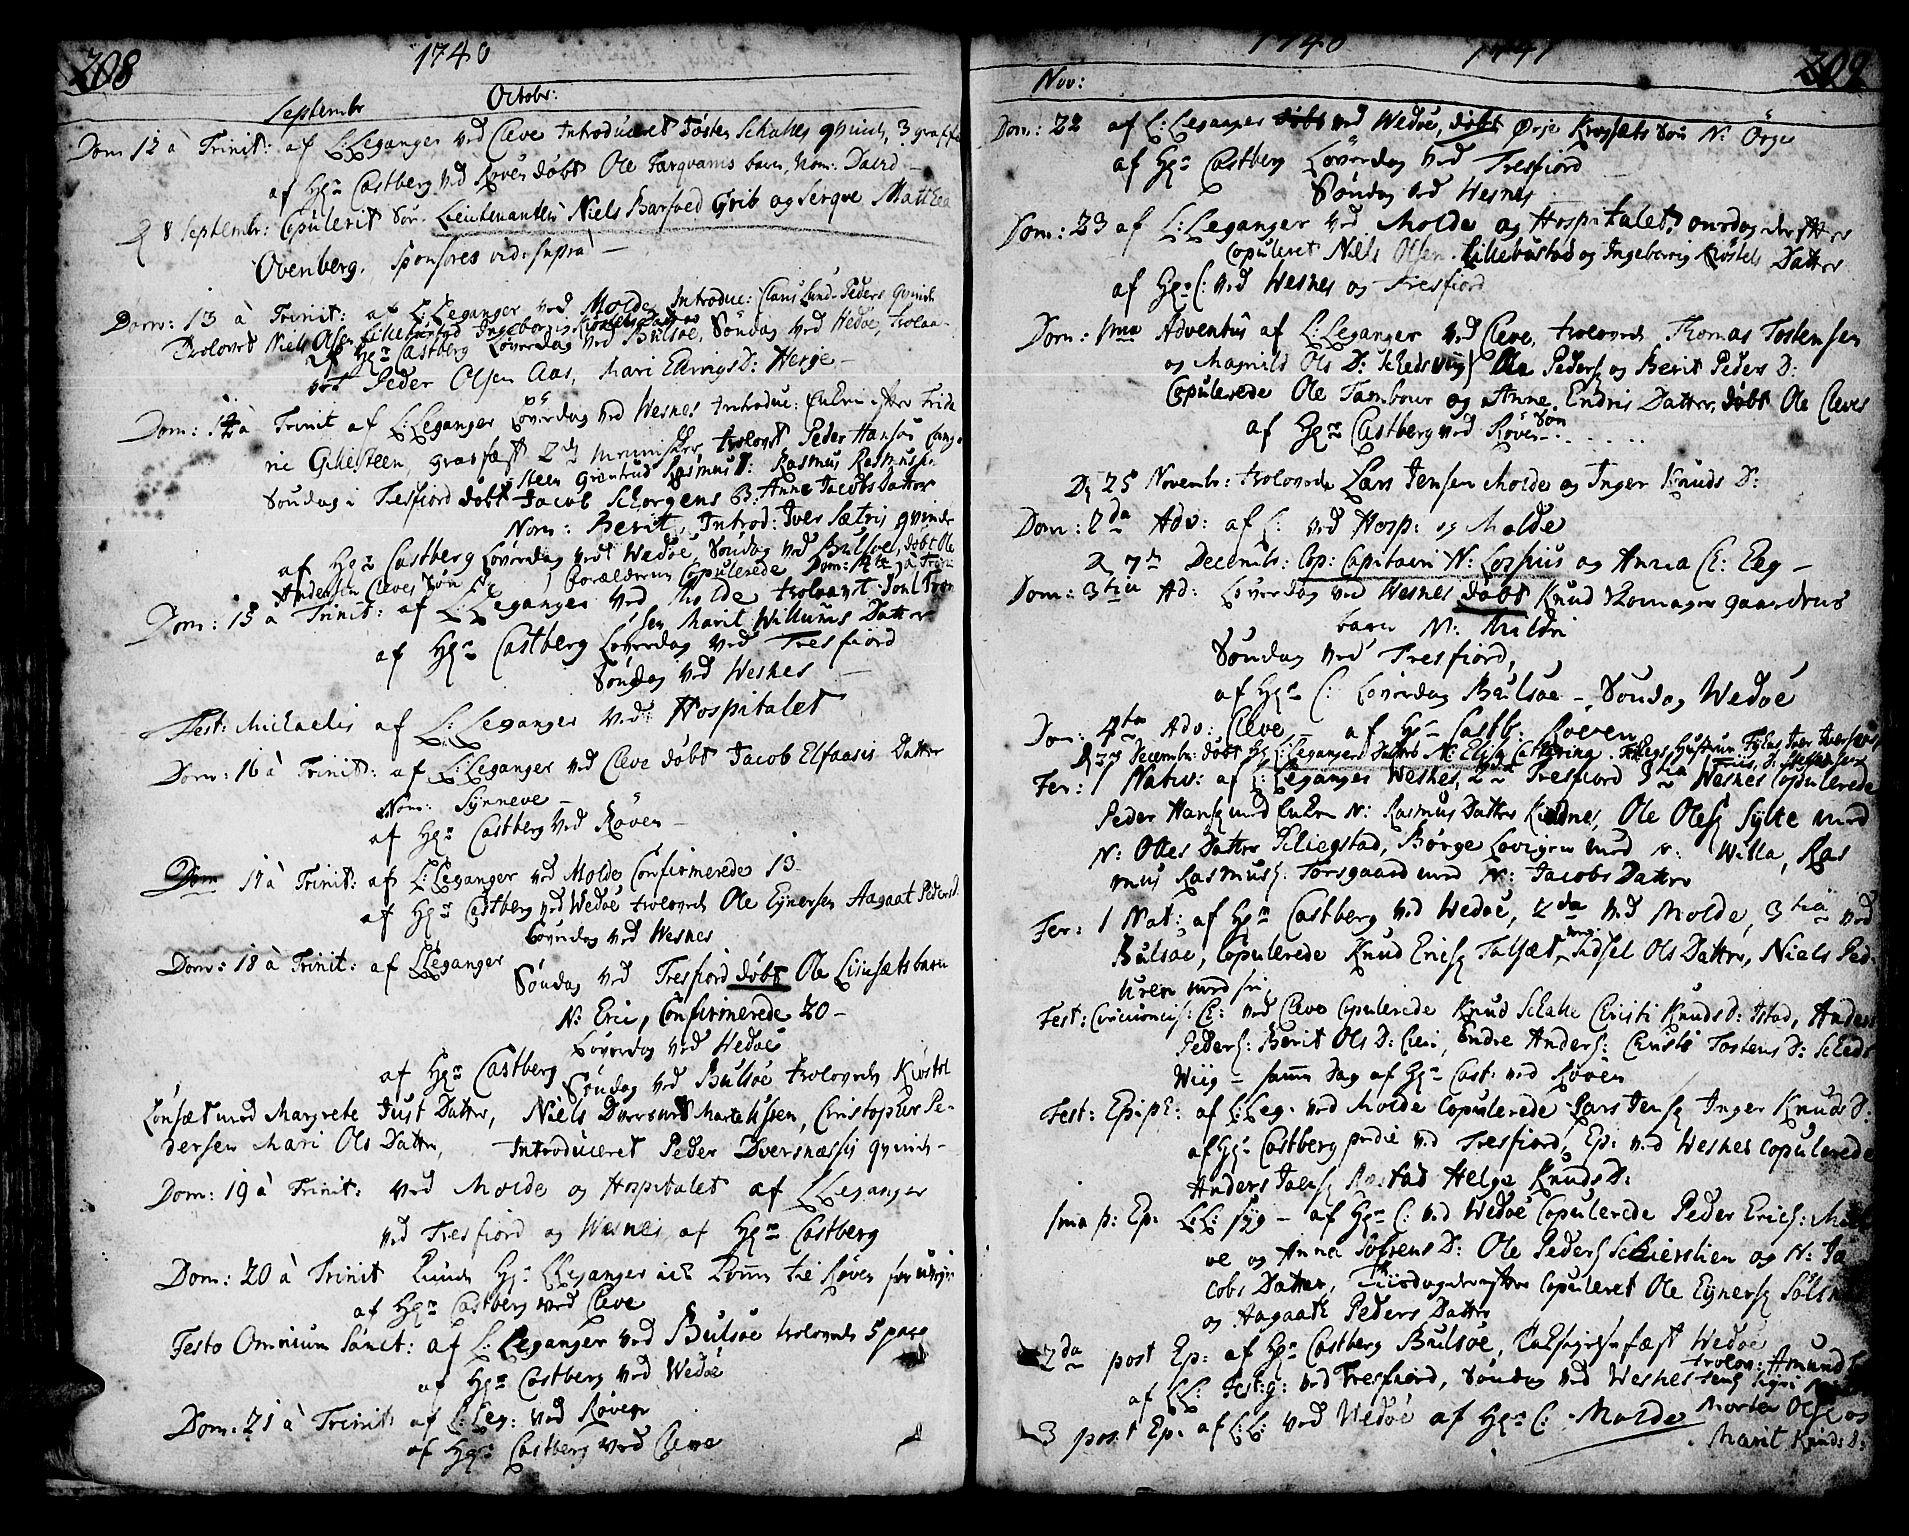 SAT, Ministerialprotokoller, klokkerbøker og fødselsregistre - Møre og Romsdal, 547/L0599: Ministerialbok nr. 547A01, 1721-1764, s. 208-209